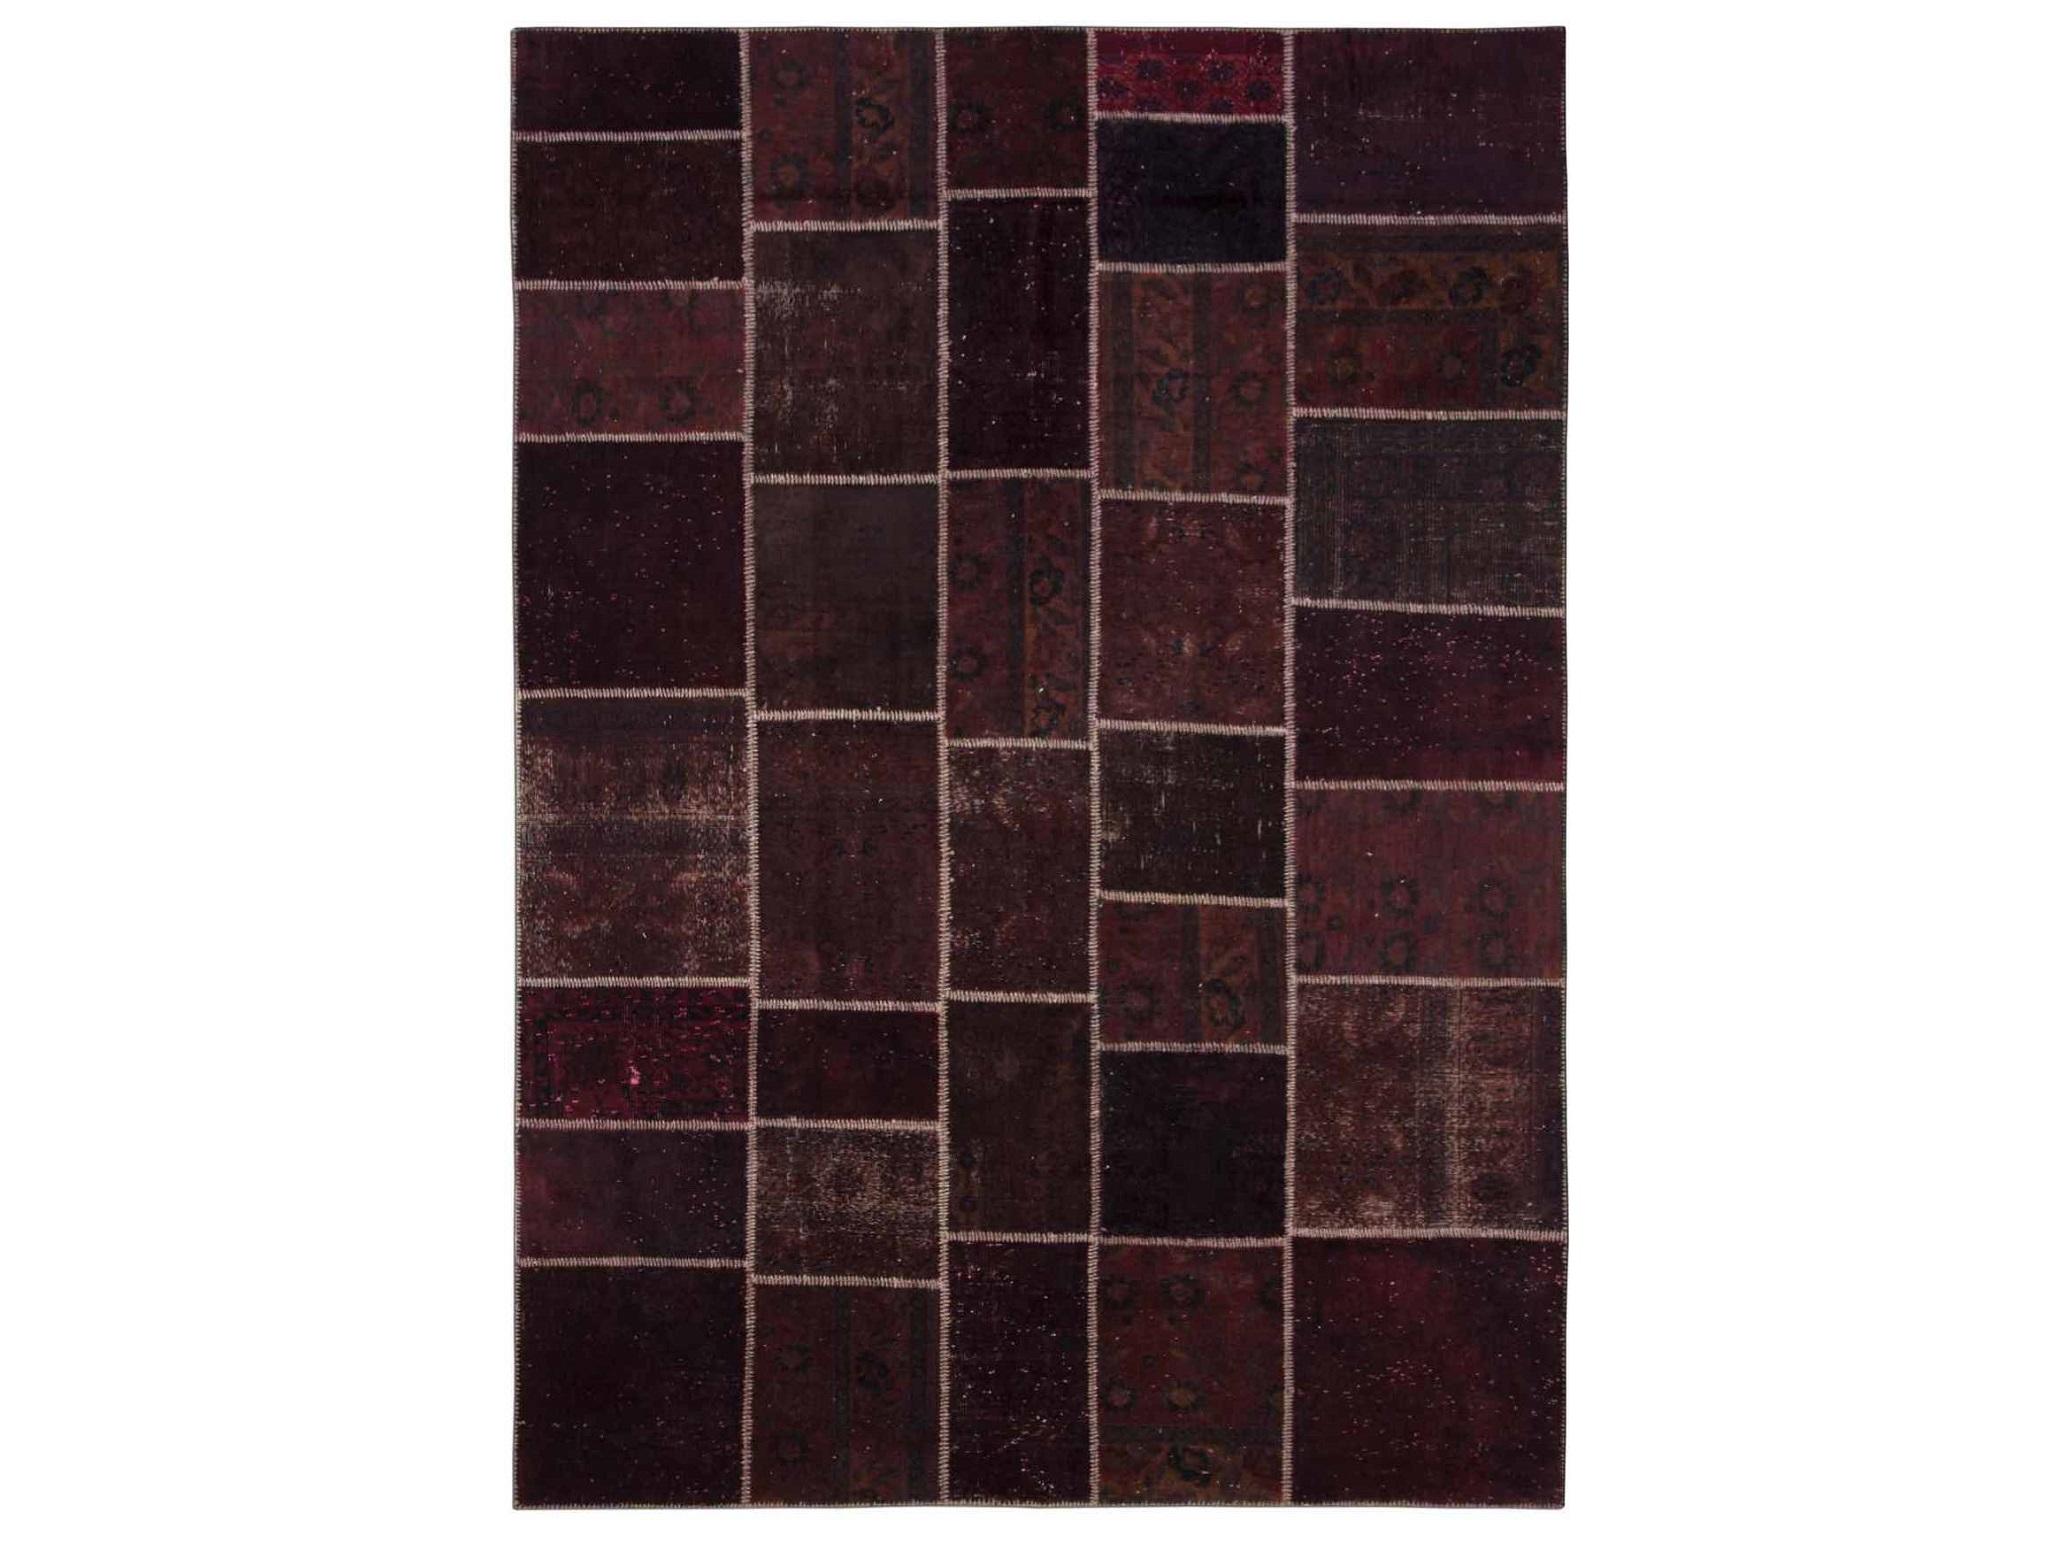 Ковер PatchworkПрямоугольные ковры<br>Винтажный ковер ручной работы в стиле &amp;quot;пэчворк&amp;quot; <br>из 100% шерсти. Ковер прекрасно подходит в <br>любые современные и классические интерьеры, <br>а благодаря толщине ковра всего 5 мм и отсутствию <br>ворса, его легко чистить любыми видами пылесосов. <br>Этот настоящий ковер ручной работы не потеряет <br>своих красок и будет служить десятилетия.<br><br>Material: Шерсть<br>Ширина см: 236<br>Глубина см: 330